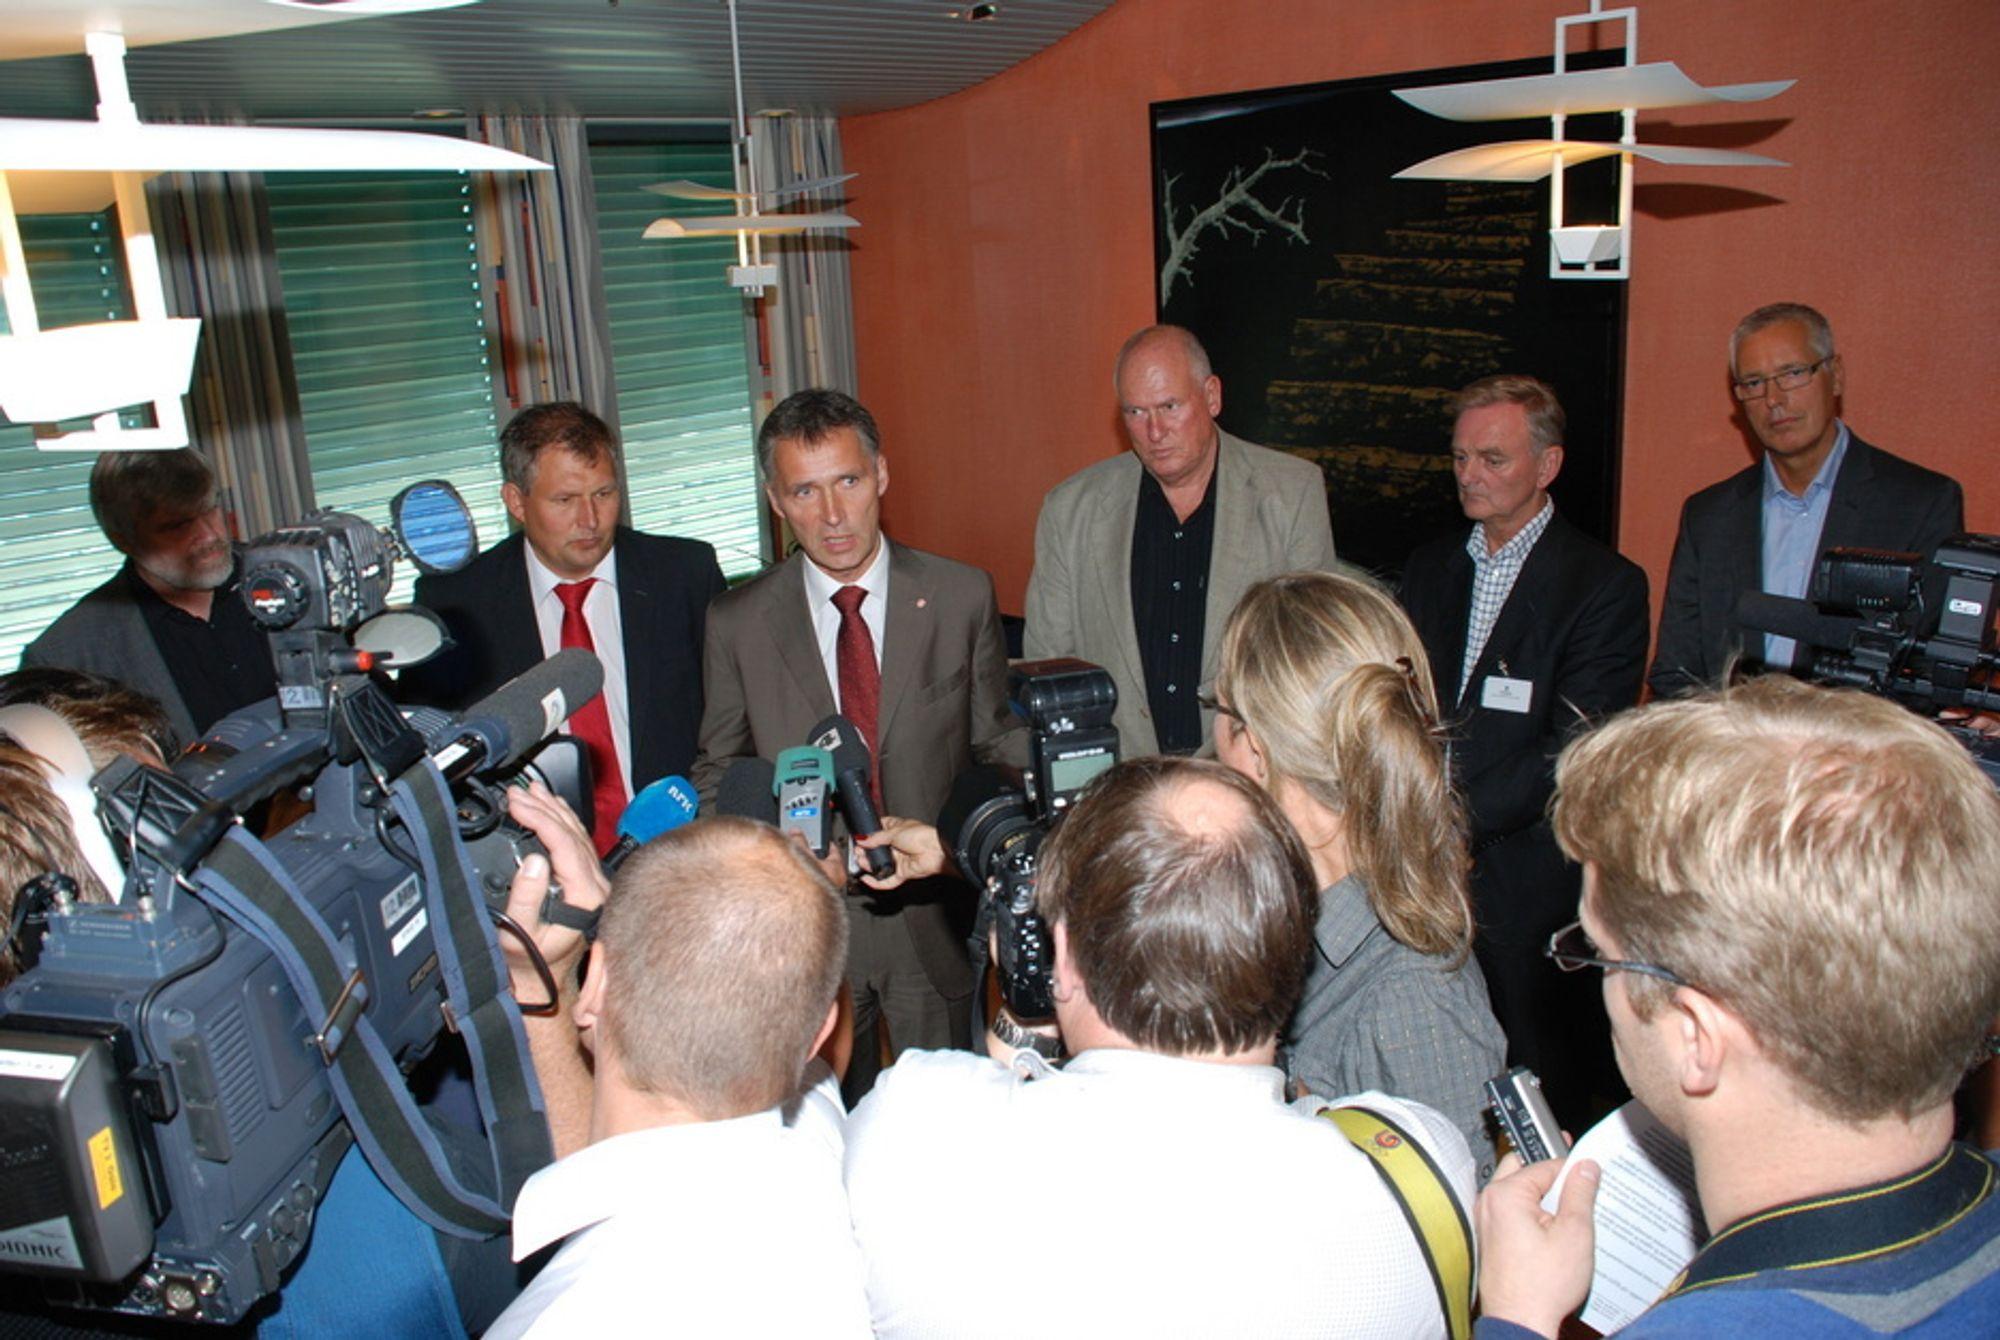 Det nye industrikraftregimet blir lagt fram 21. august 2009. Fra venstre Leif Sande, Industri Energi, Terje Riis-Johansen, Jens Stoltenberg, Roar Flåthen, Svein Sundsbø i Norsk Industri og Erik Skjelbred, EBL.